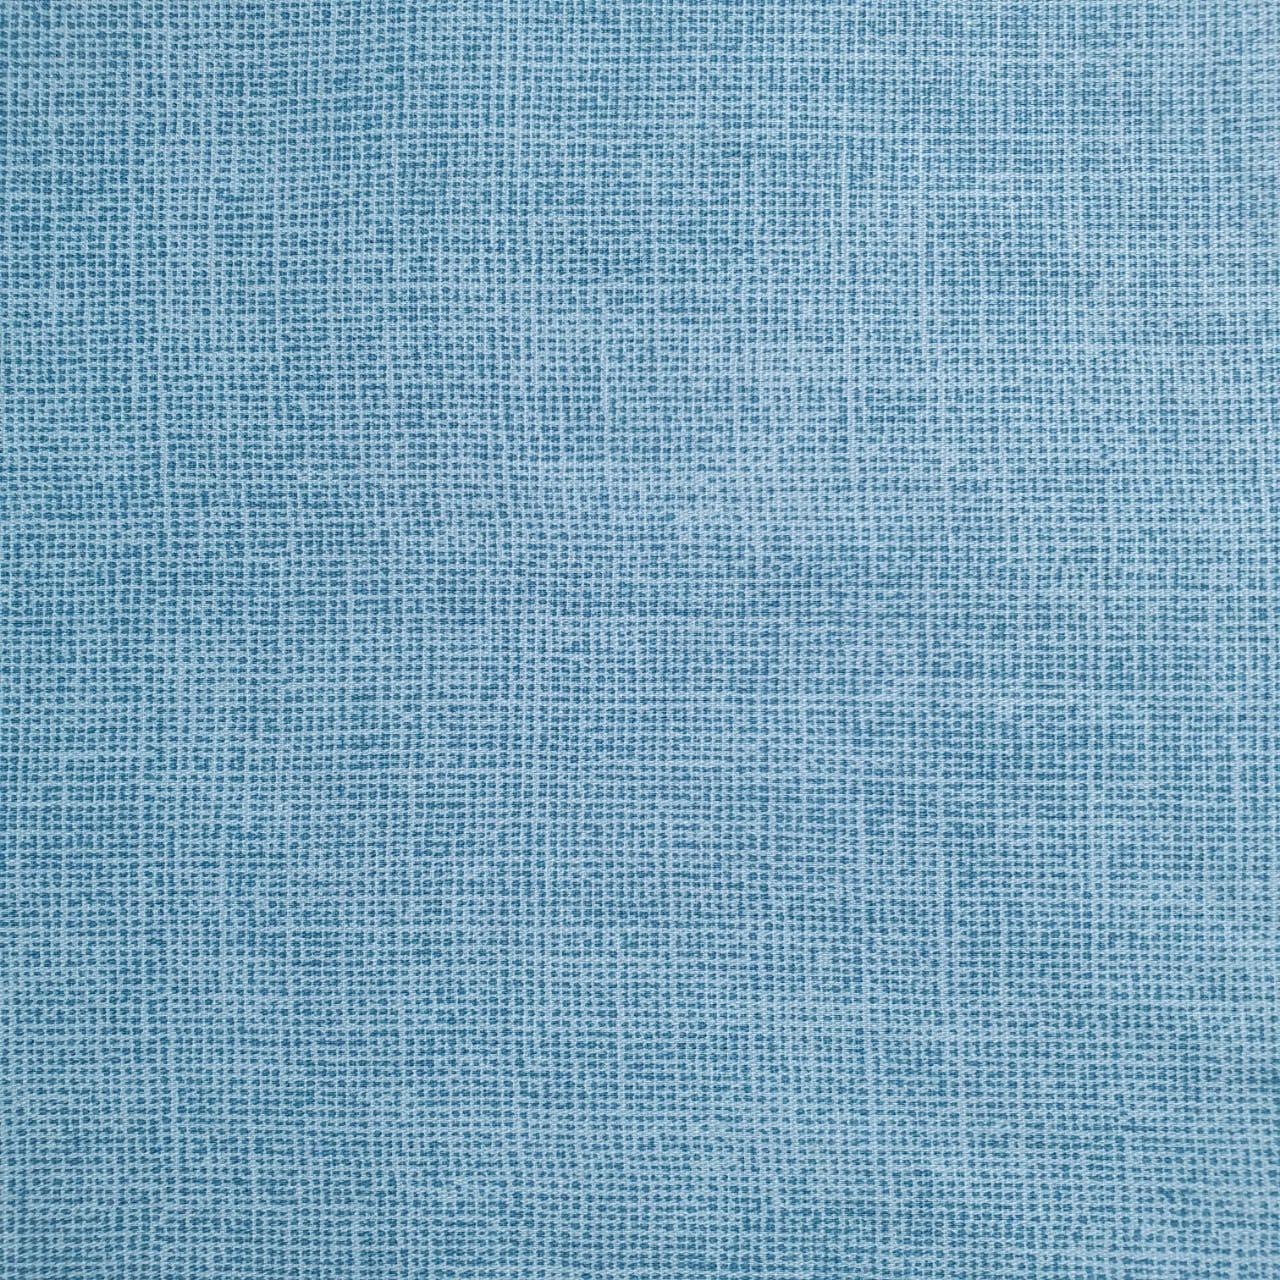 Textura Azul Cobalto Of